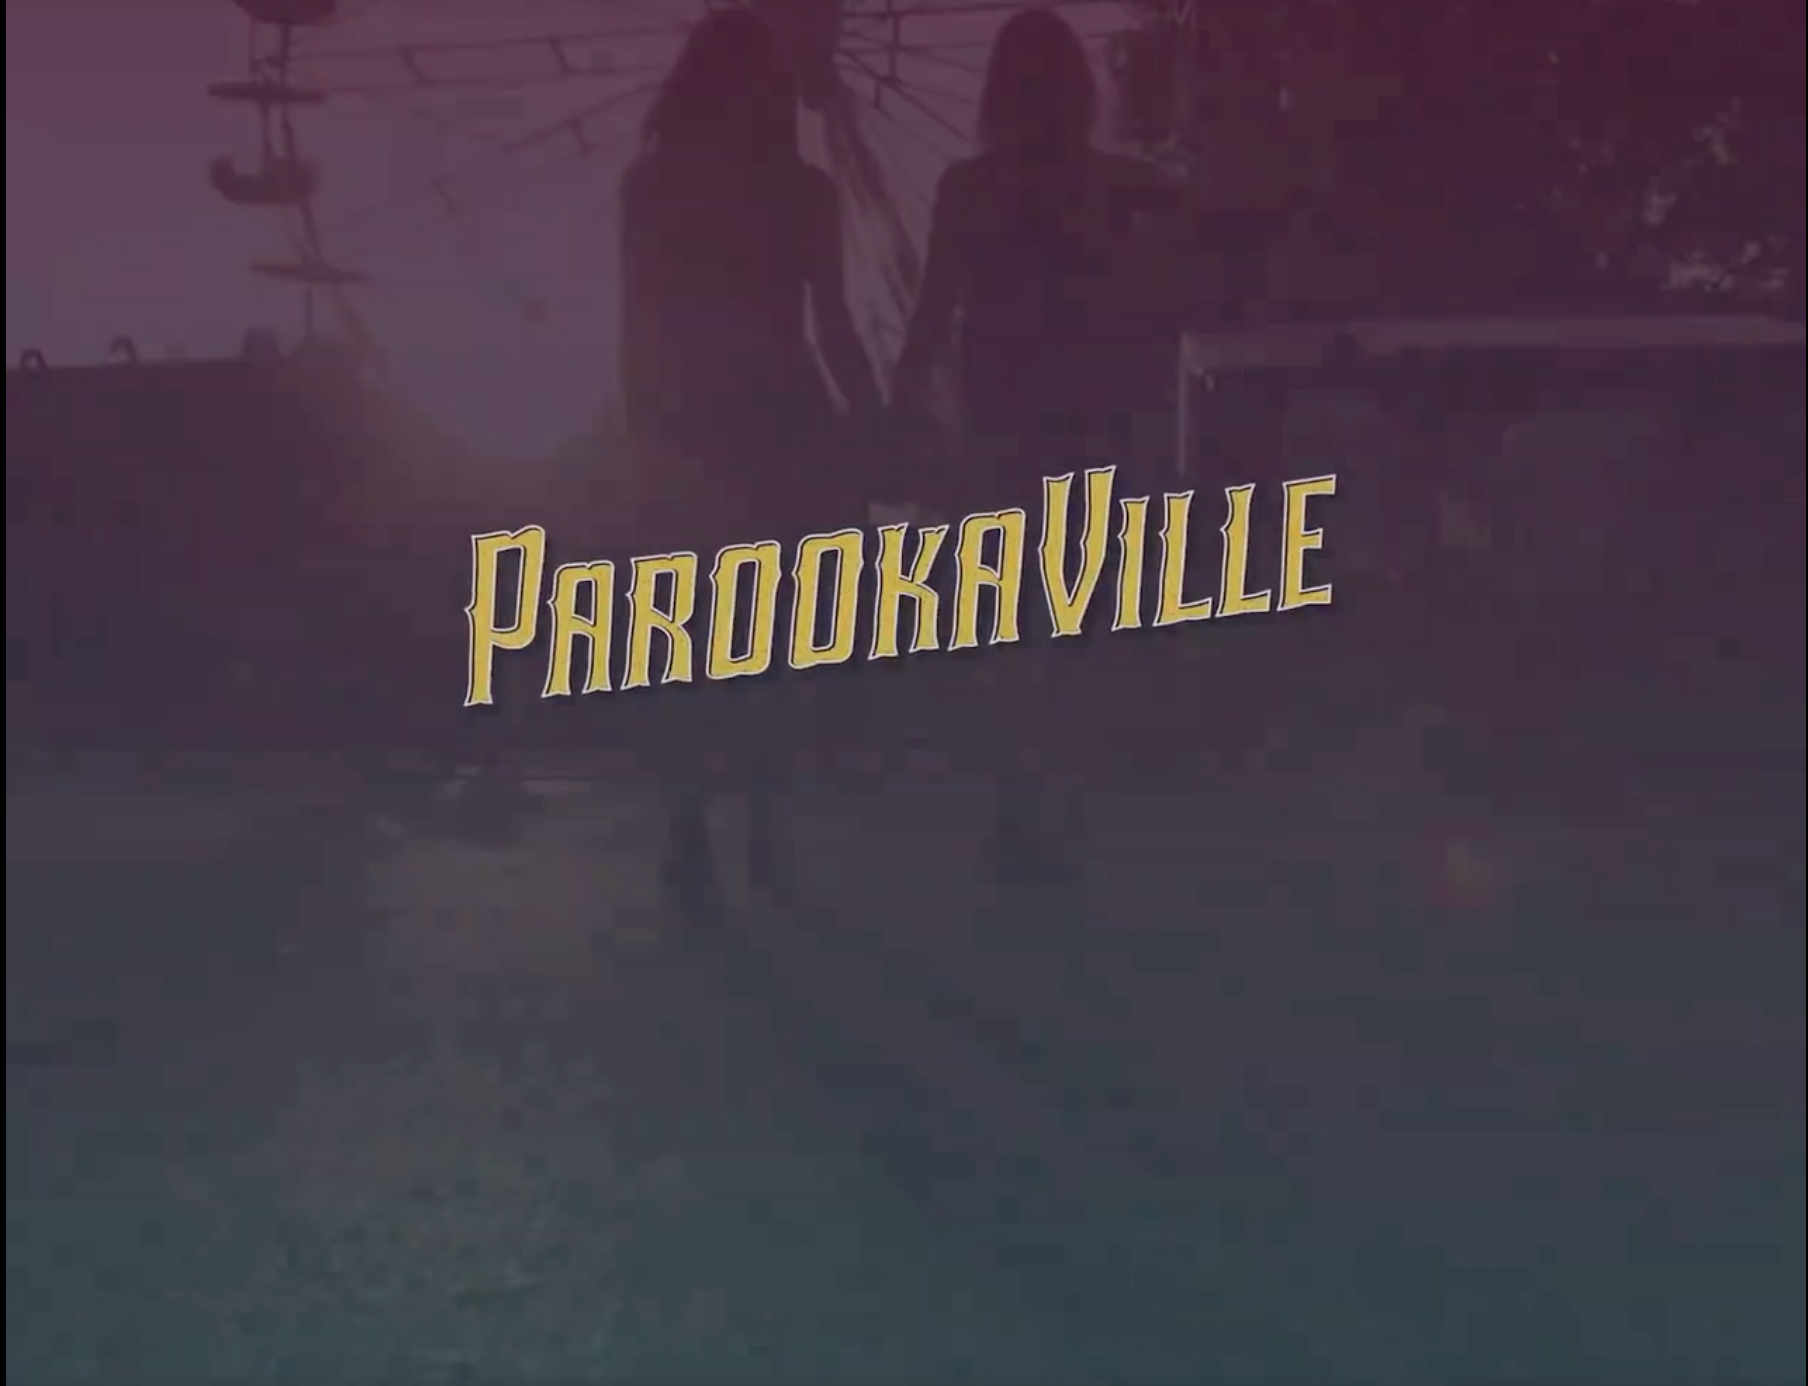 Parookaville Lineup Phase 2